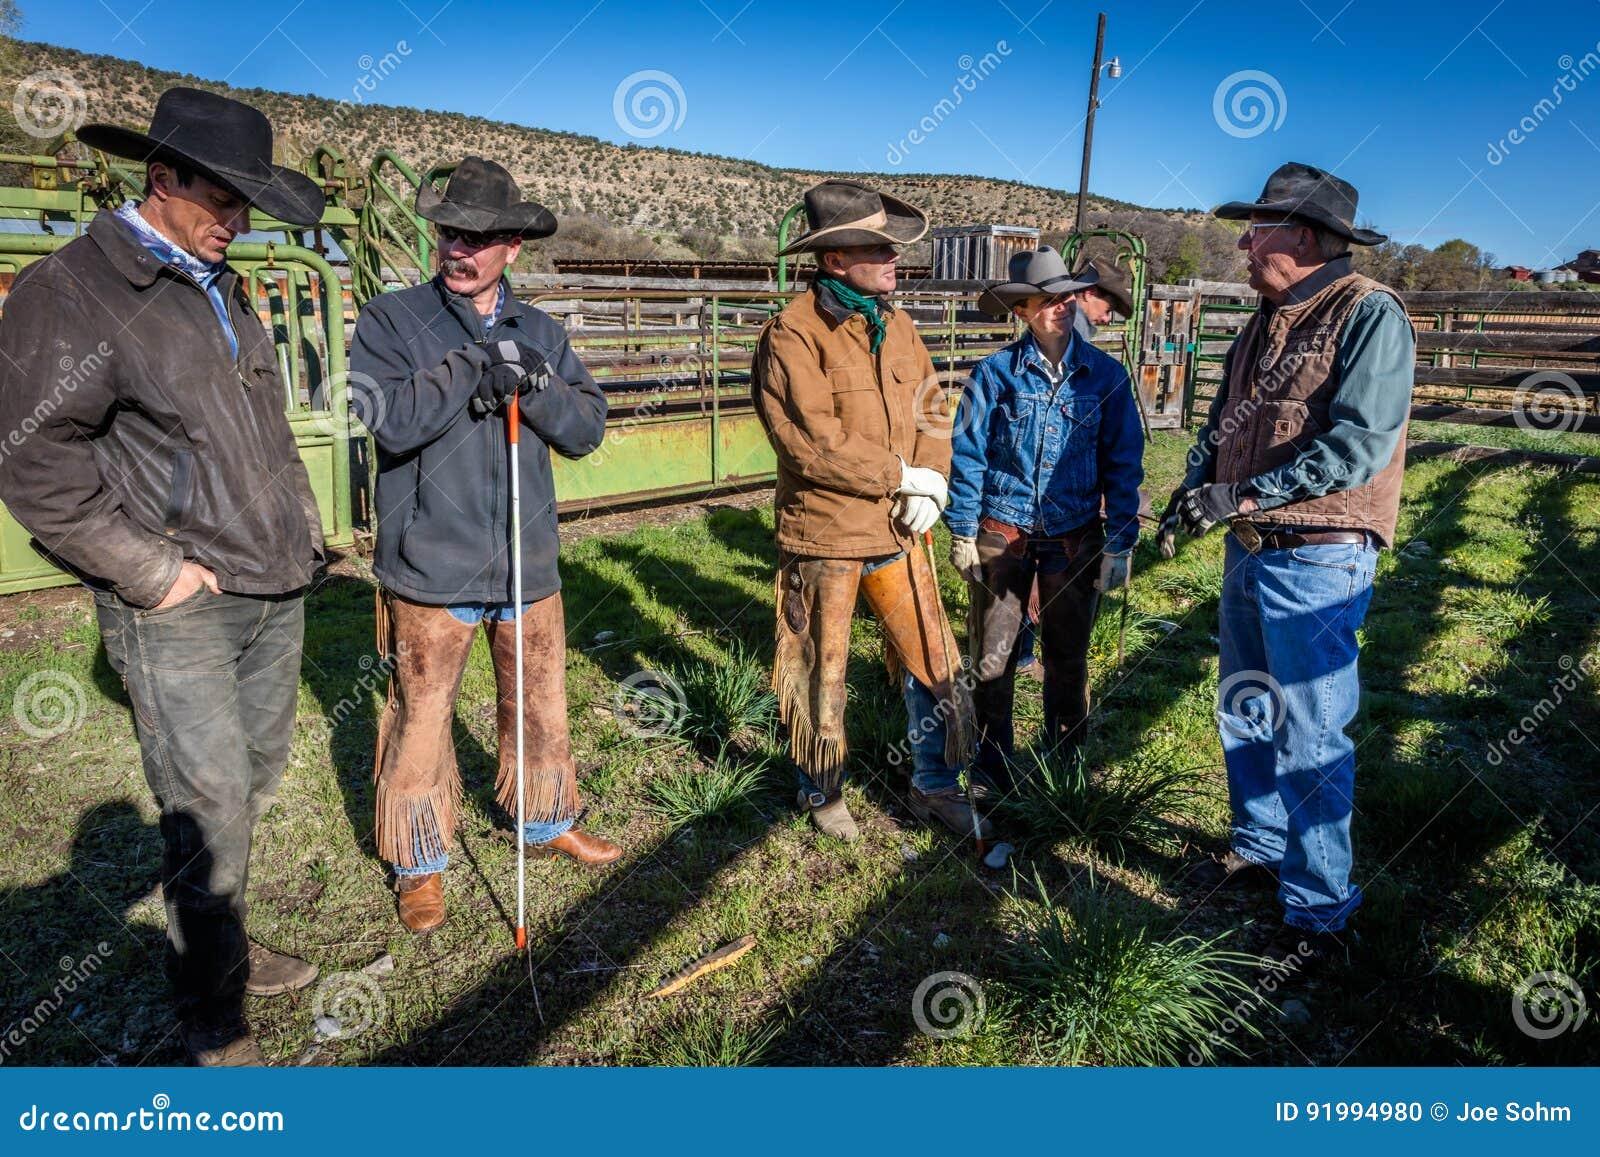 22 DE ABRIL DE 2017, RIDGWAY COLORADO: el dueño Vince Kotny del rancho habla a los vaqueros que están calificando ganado en ranch